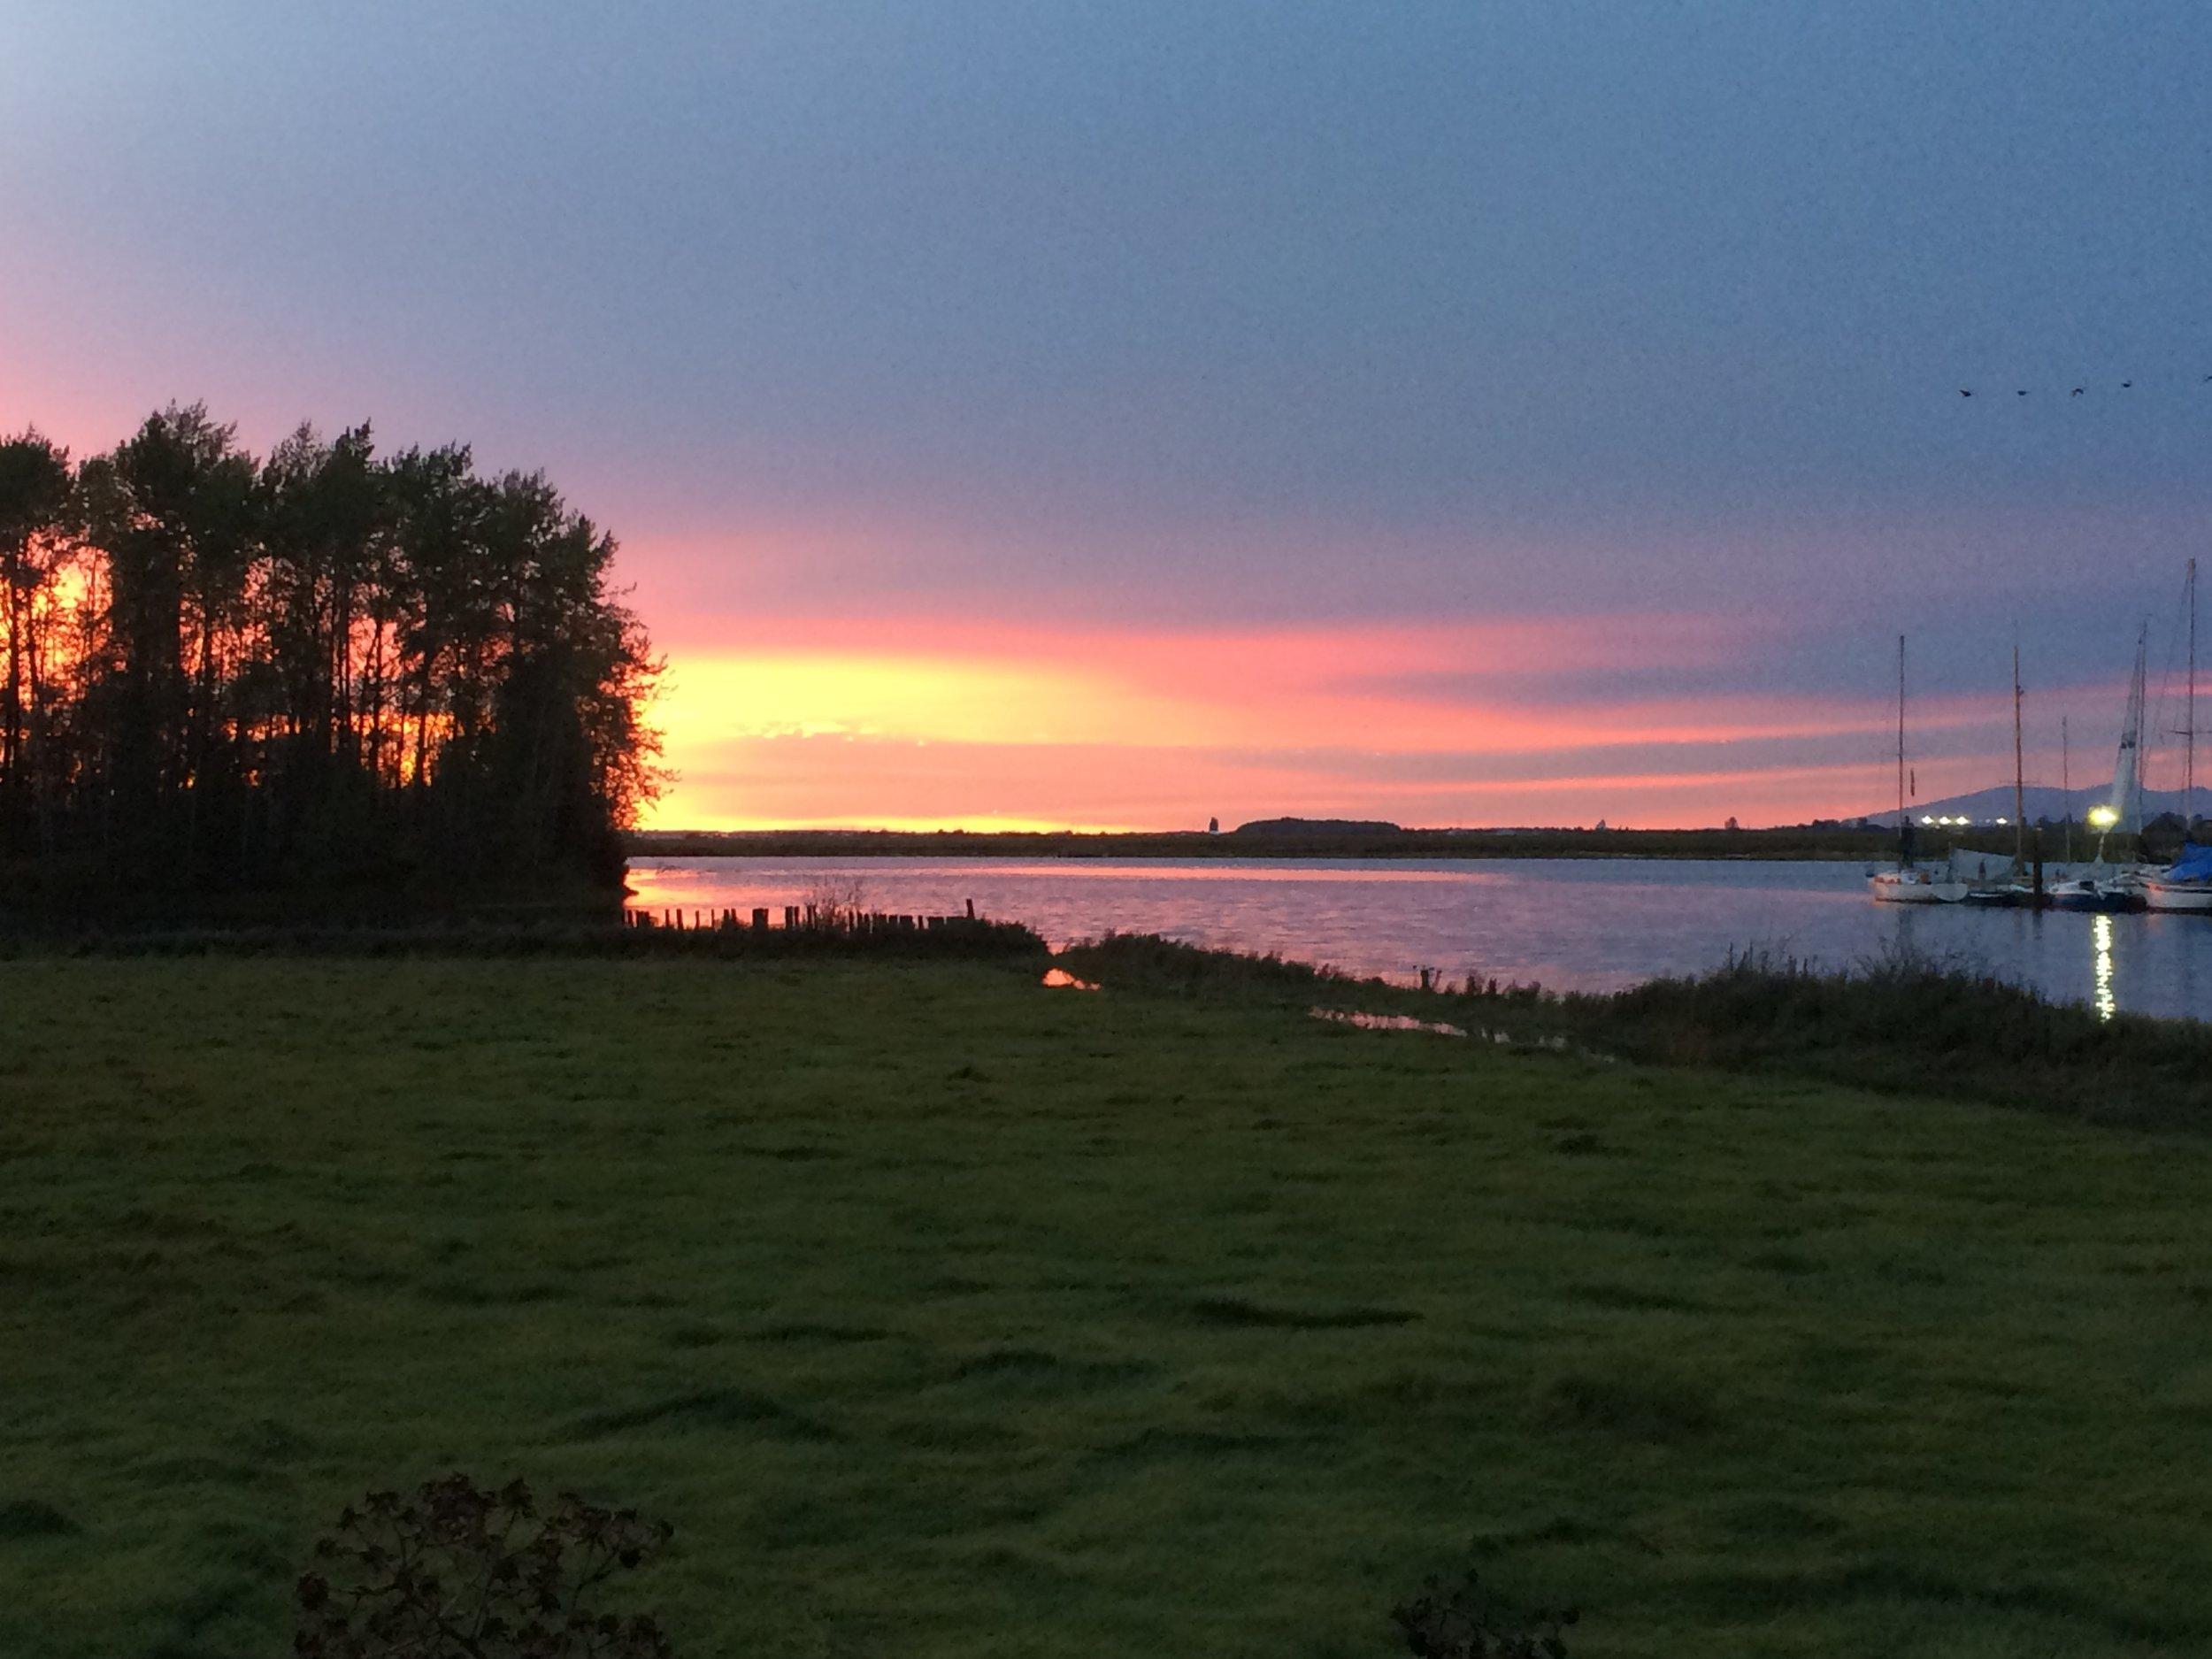 Vancouver Night Sky - my zen